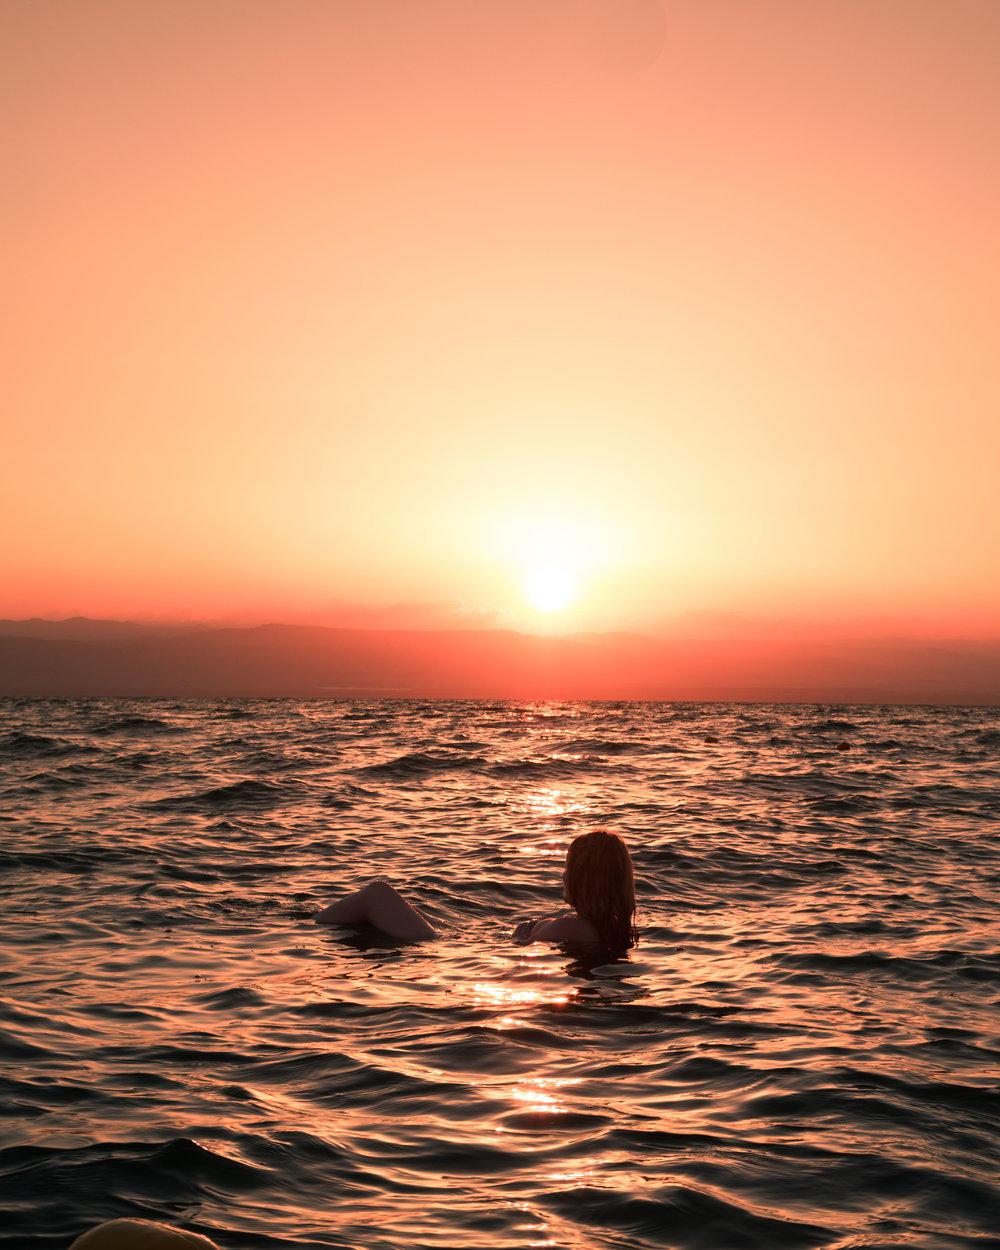 Instagrammable spots in Jordan - Floating in the Dead Sea